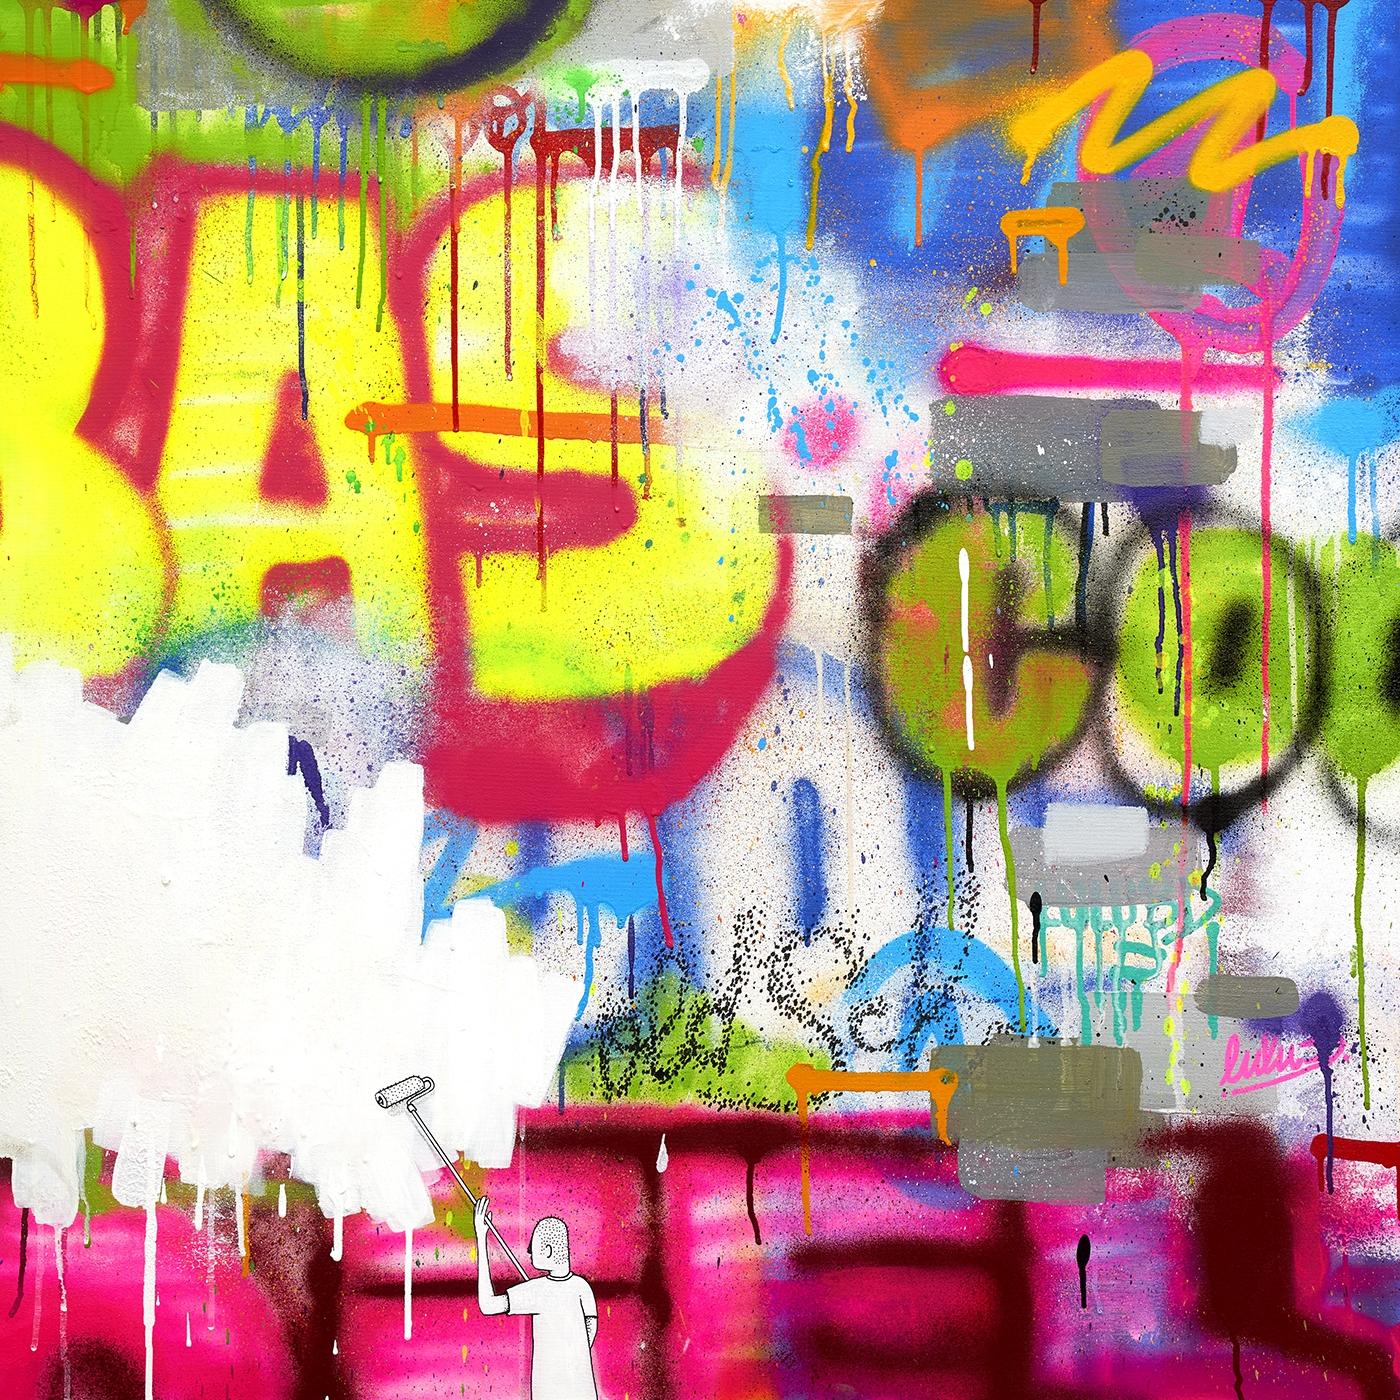 Je déteste le graffiti